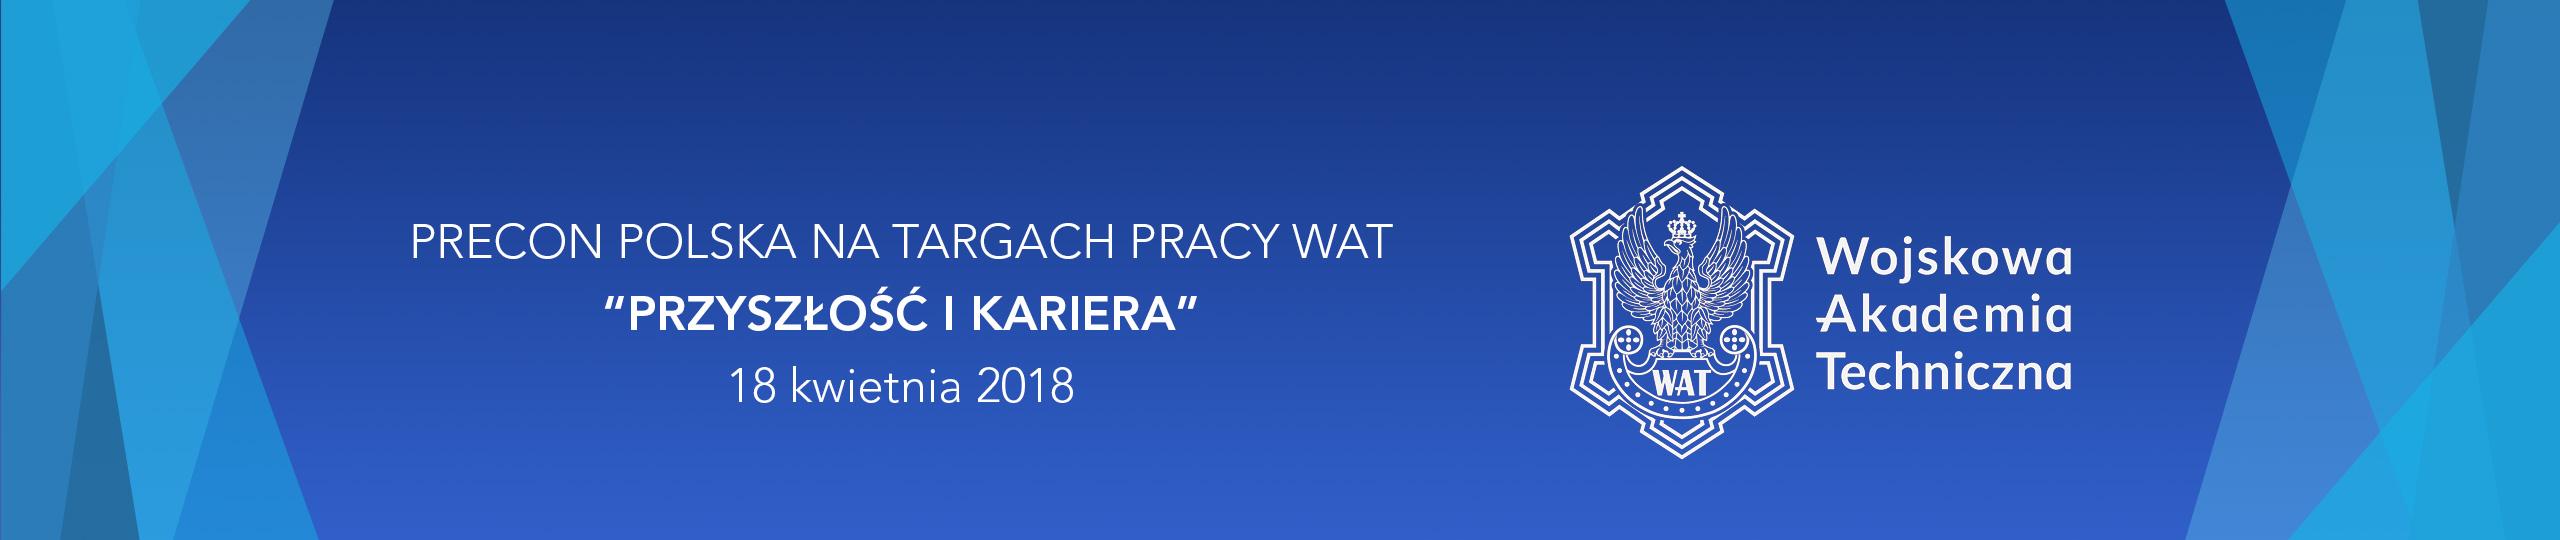 Precon Polska na targach pracy Wojskowej Akademii technicznej 2018